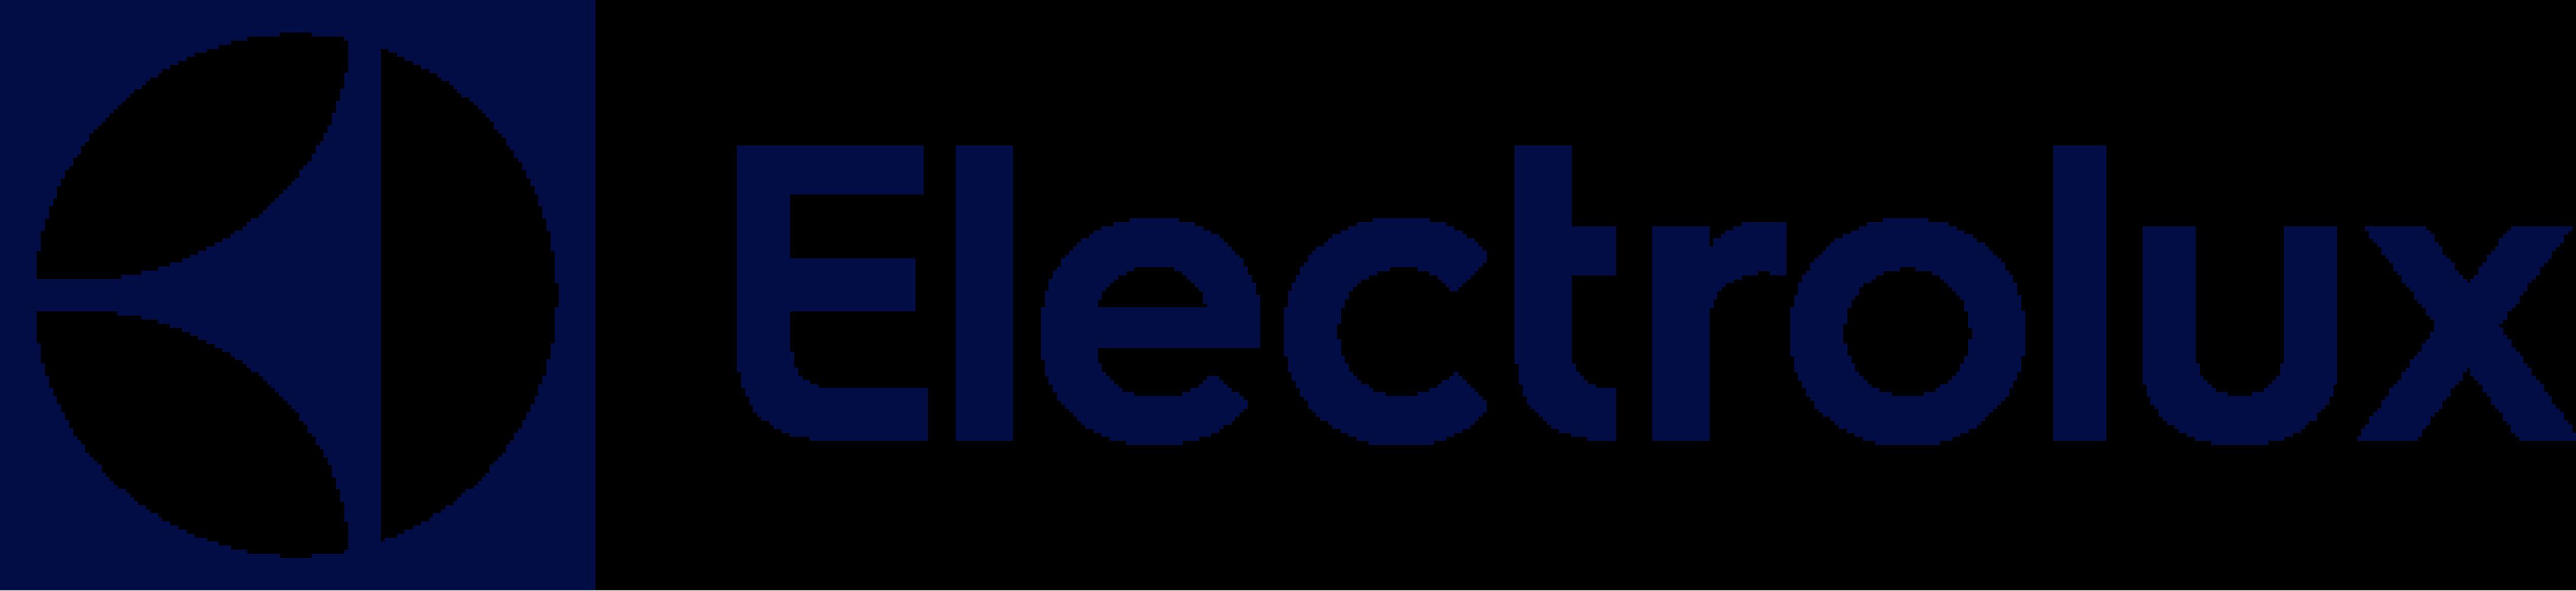 Electrolux (Электролюкс) - производитель бытовой и профессиональной техники